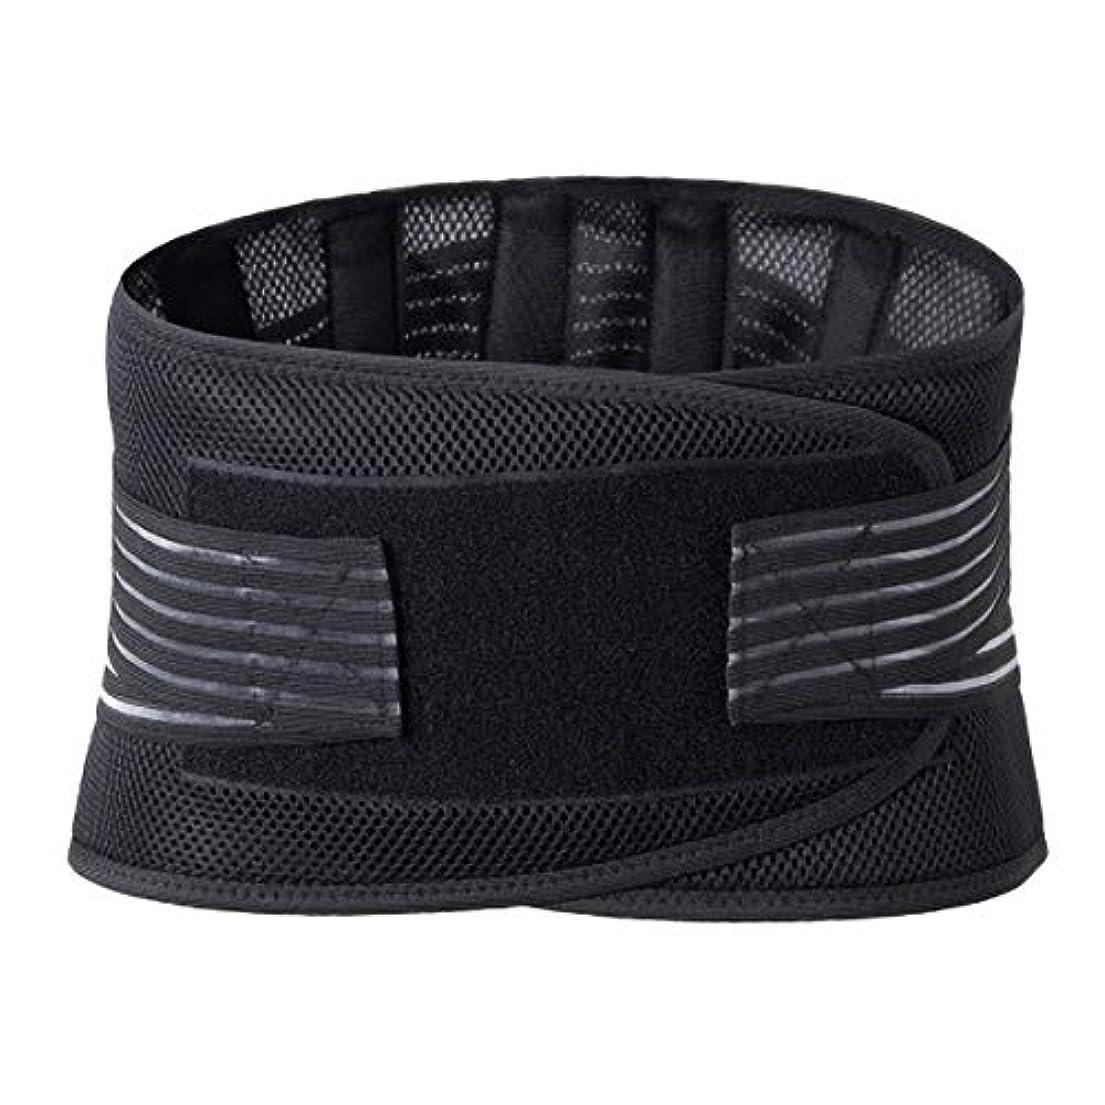 側溝温帯重荷ランバーウエストサポートバックブレースベルトウエストサポートブレースフィットネススポーツ保護姿勢補正装置再構築